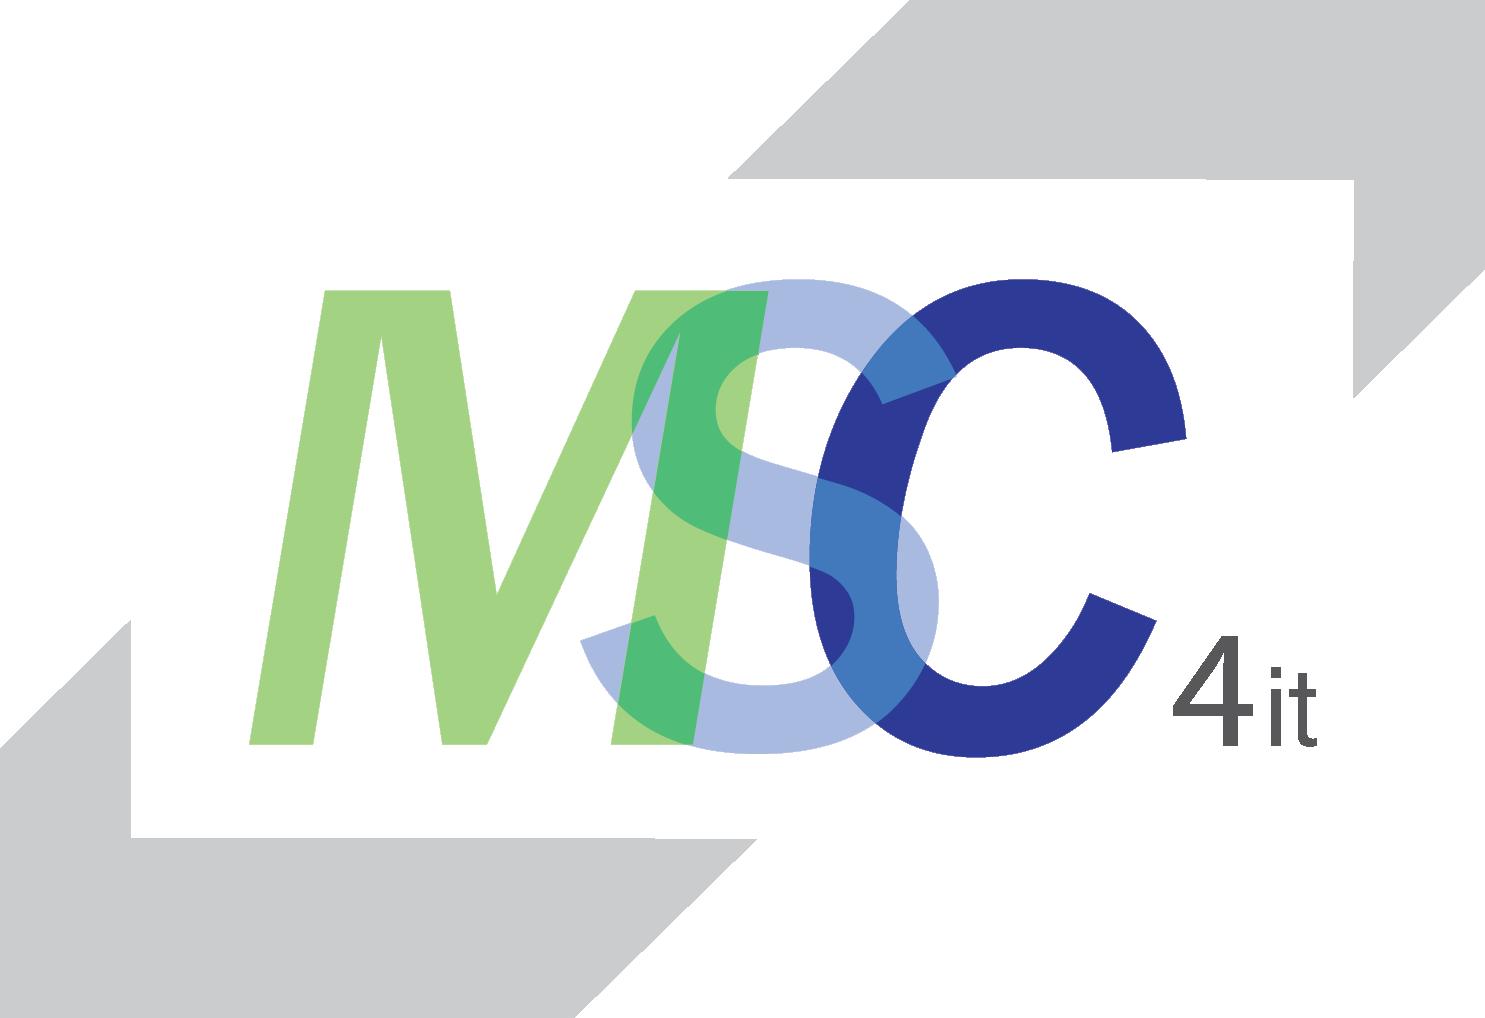 msc4it-logo